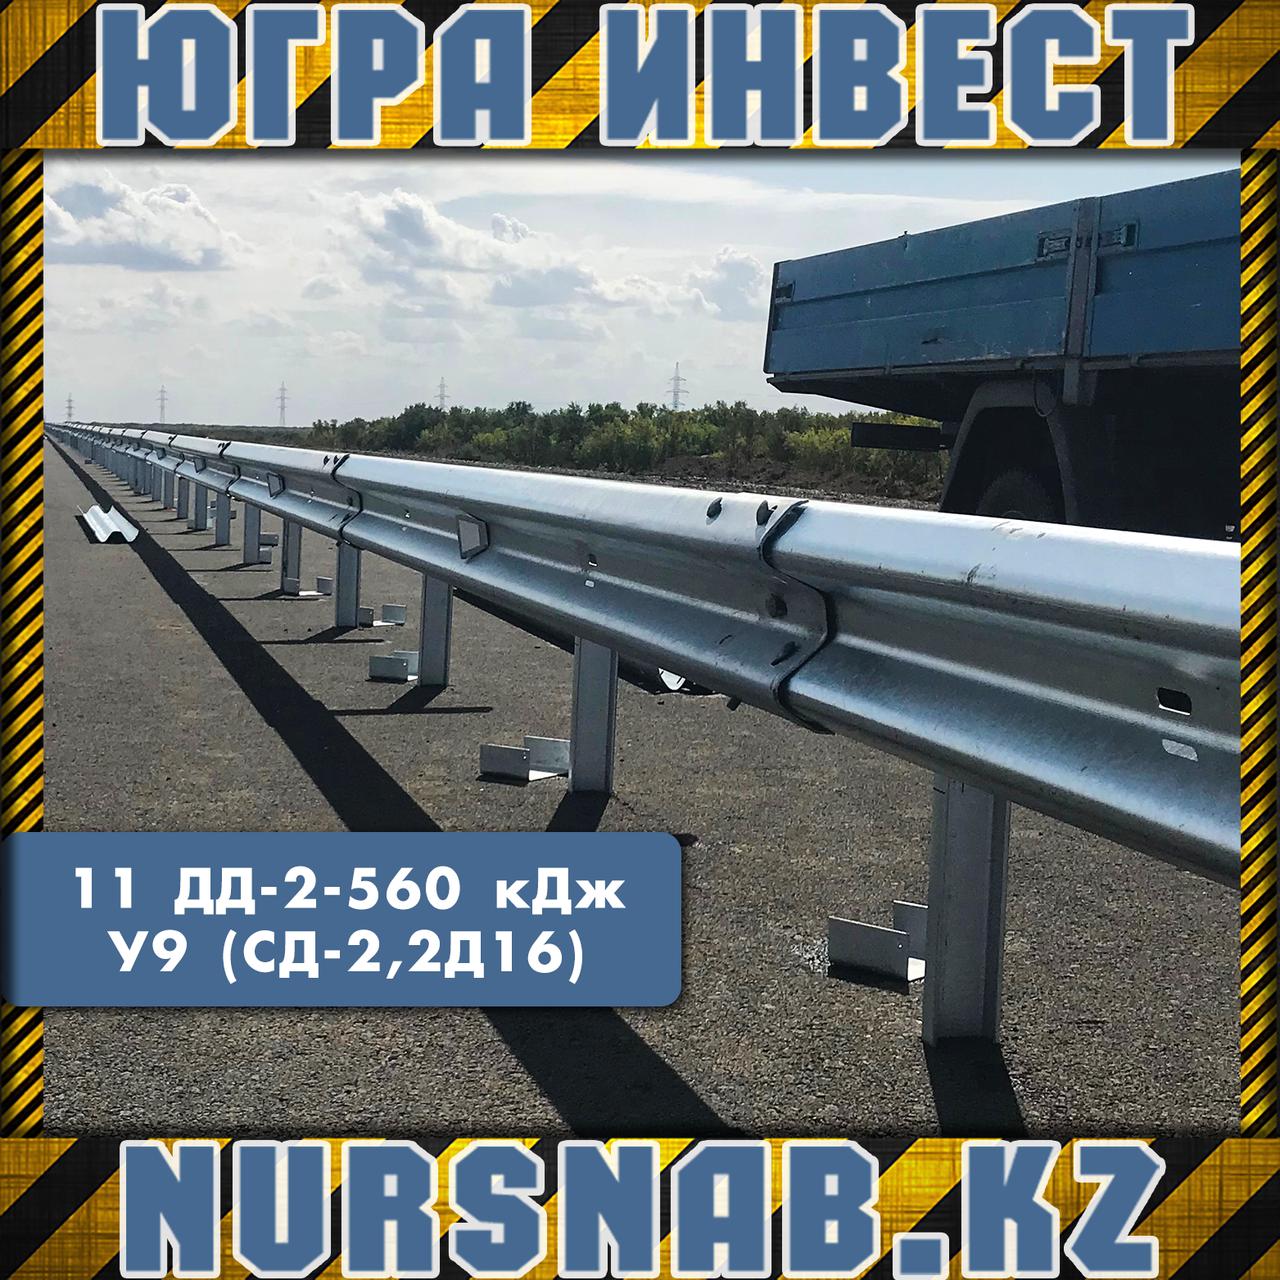 Дорожное ограждение 11 ДД-2-560 кДж У9 (СД-2,2Д16)